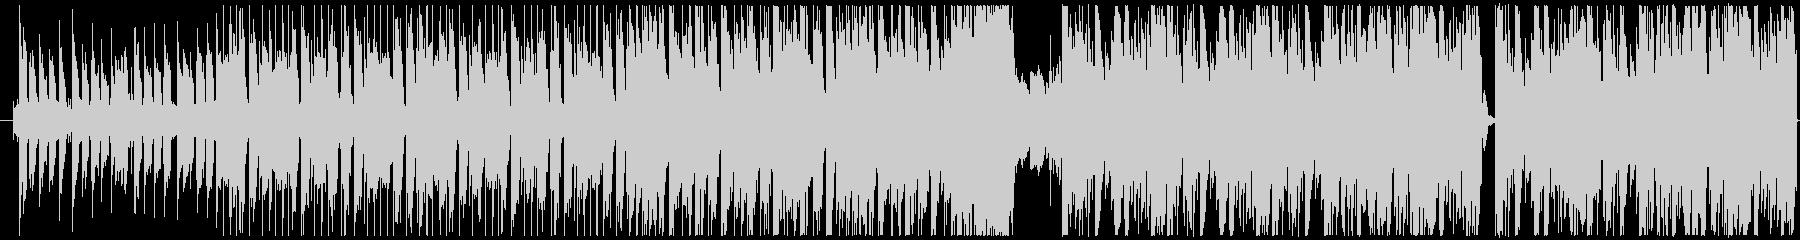 ハウスからダブステップに移行 EDMの未再生の波形